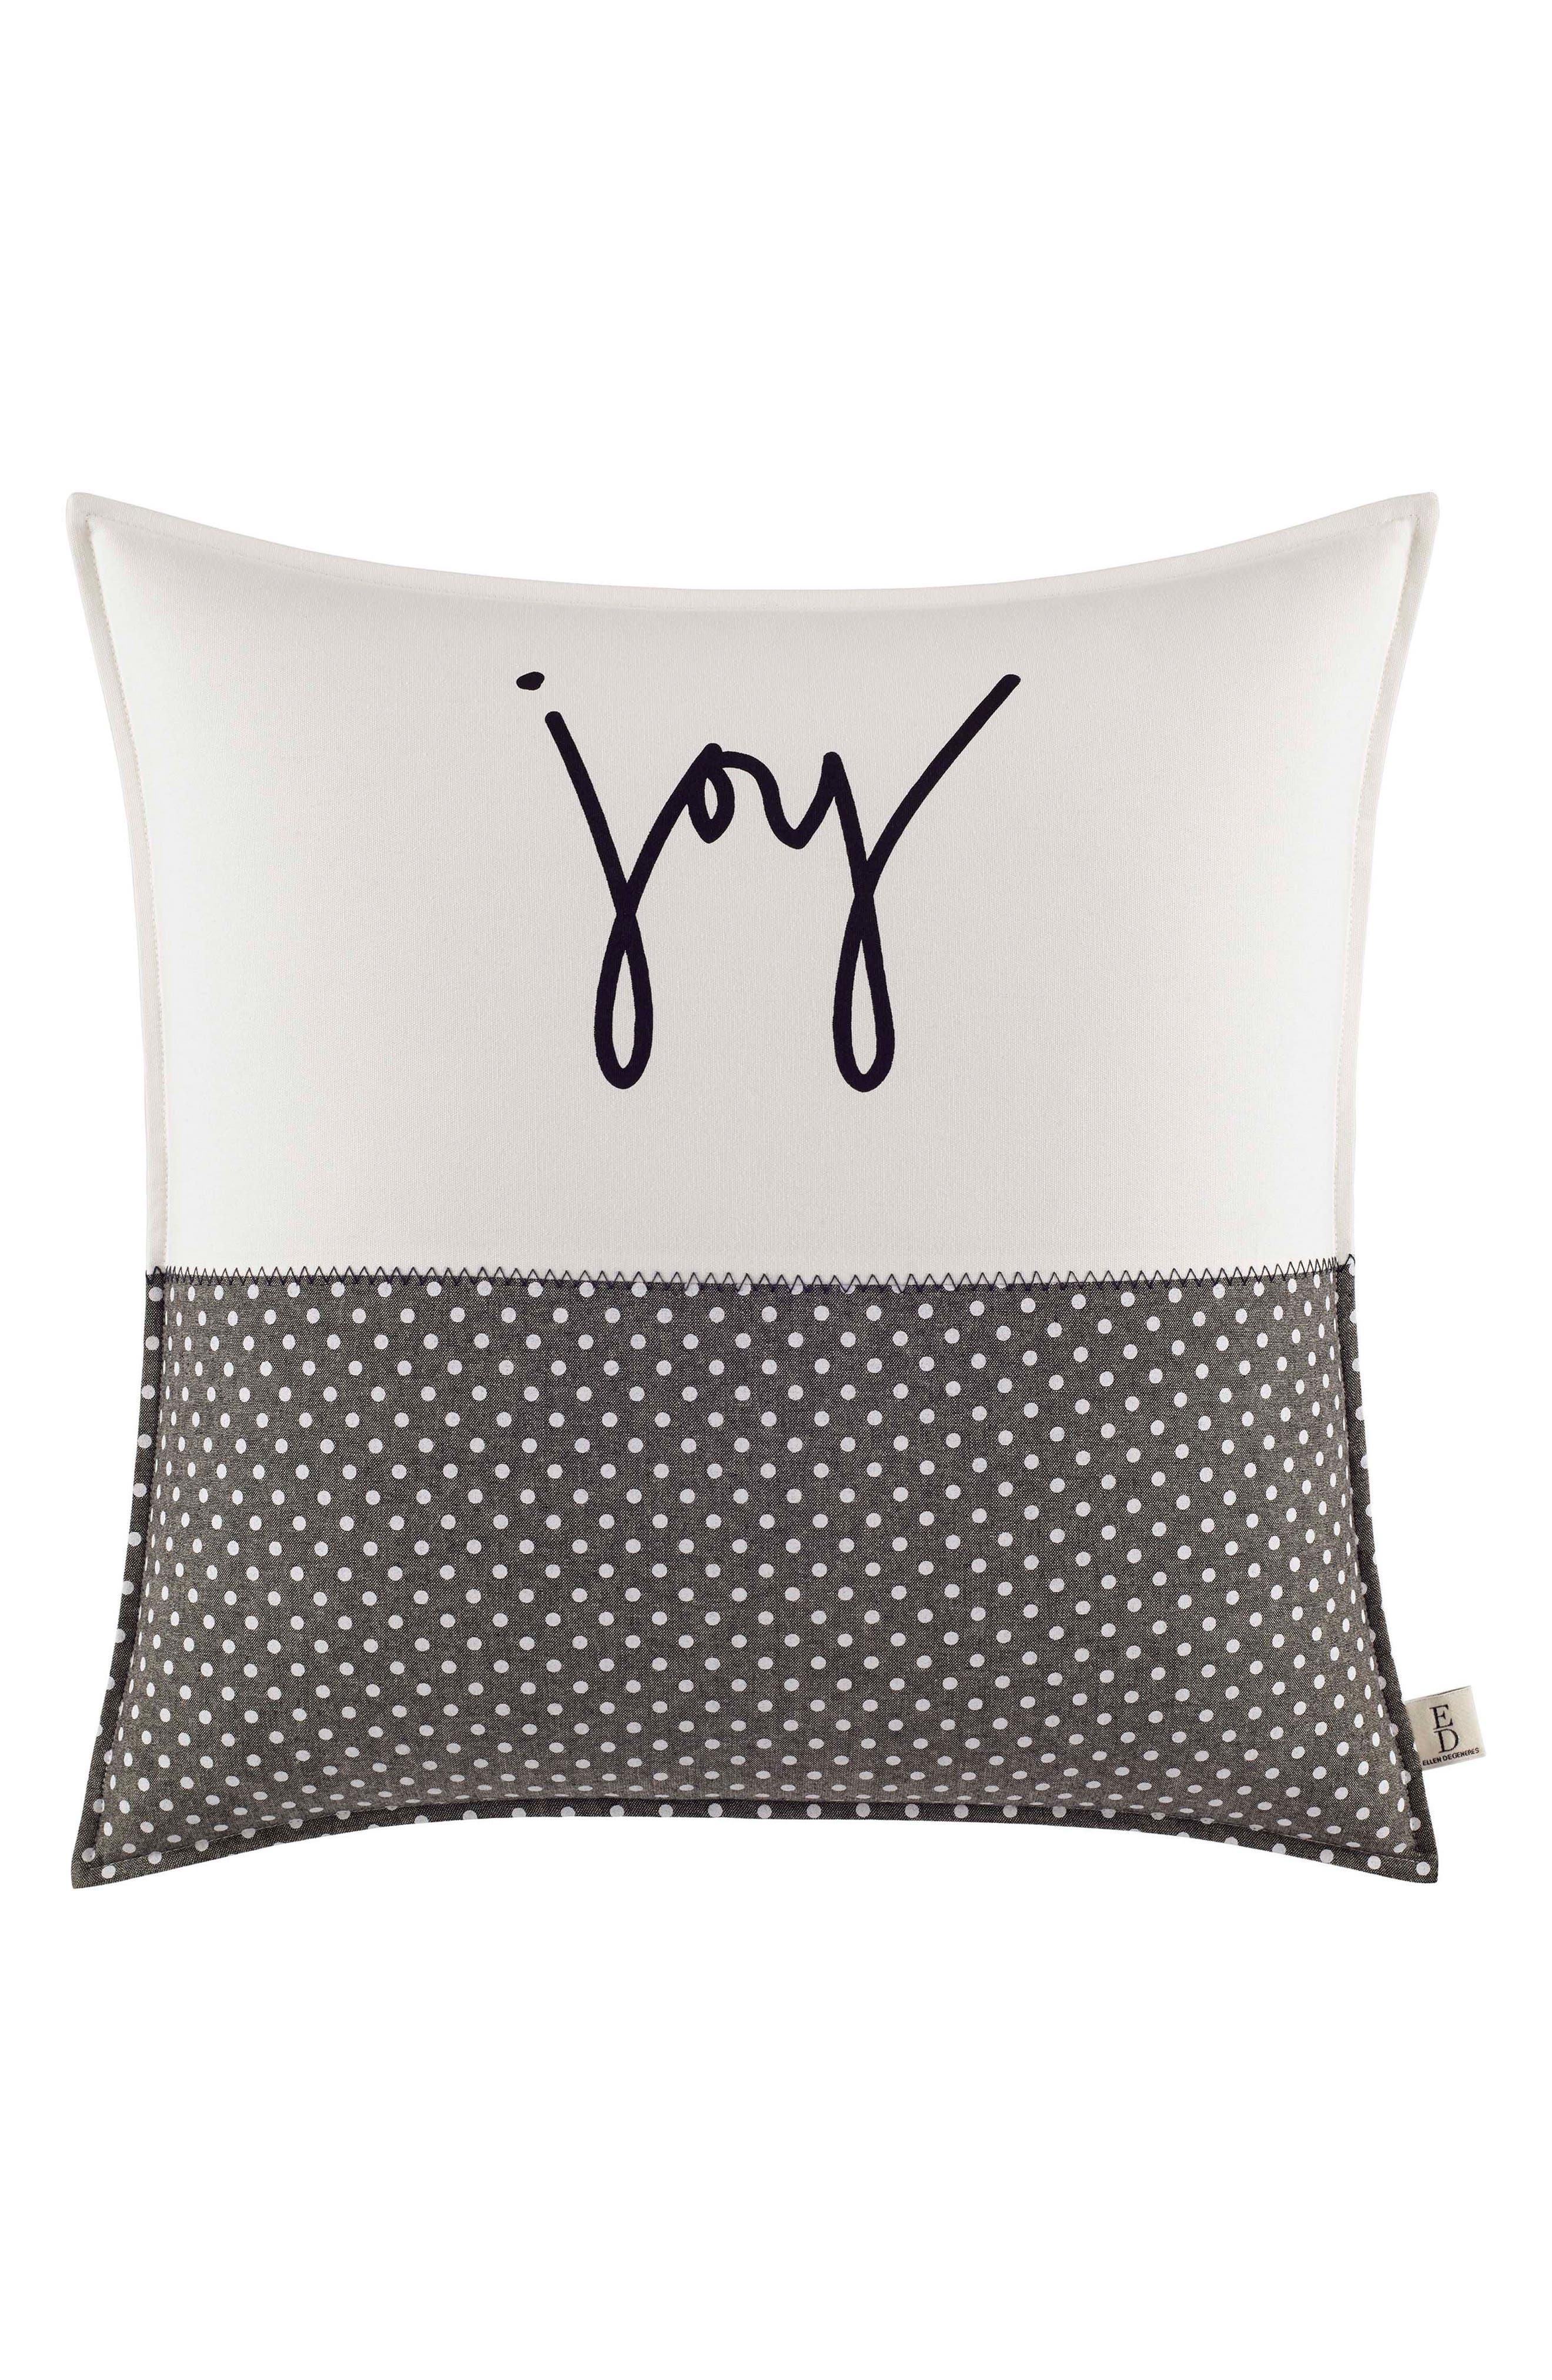 Joy Pillow,                         Main,                         color, 900